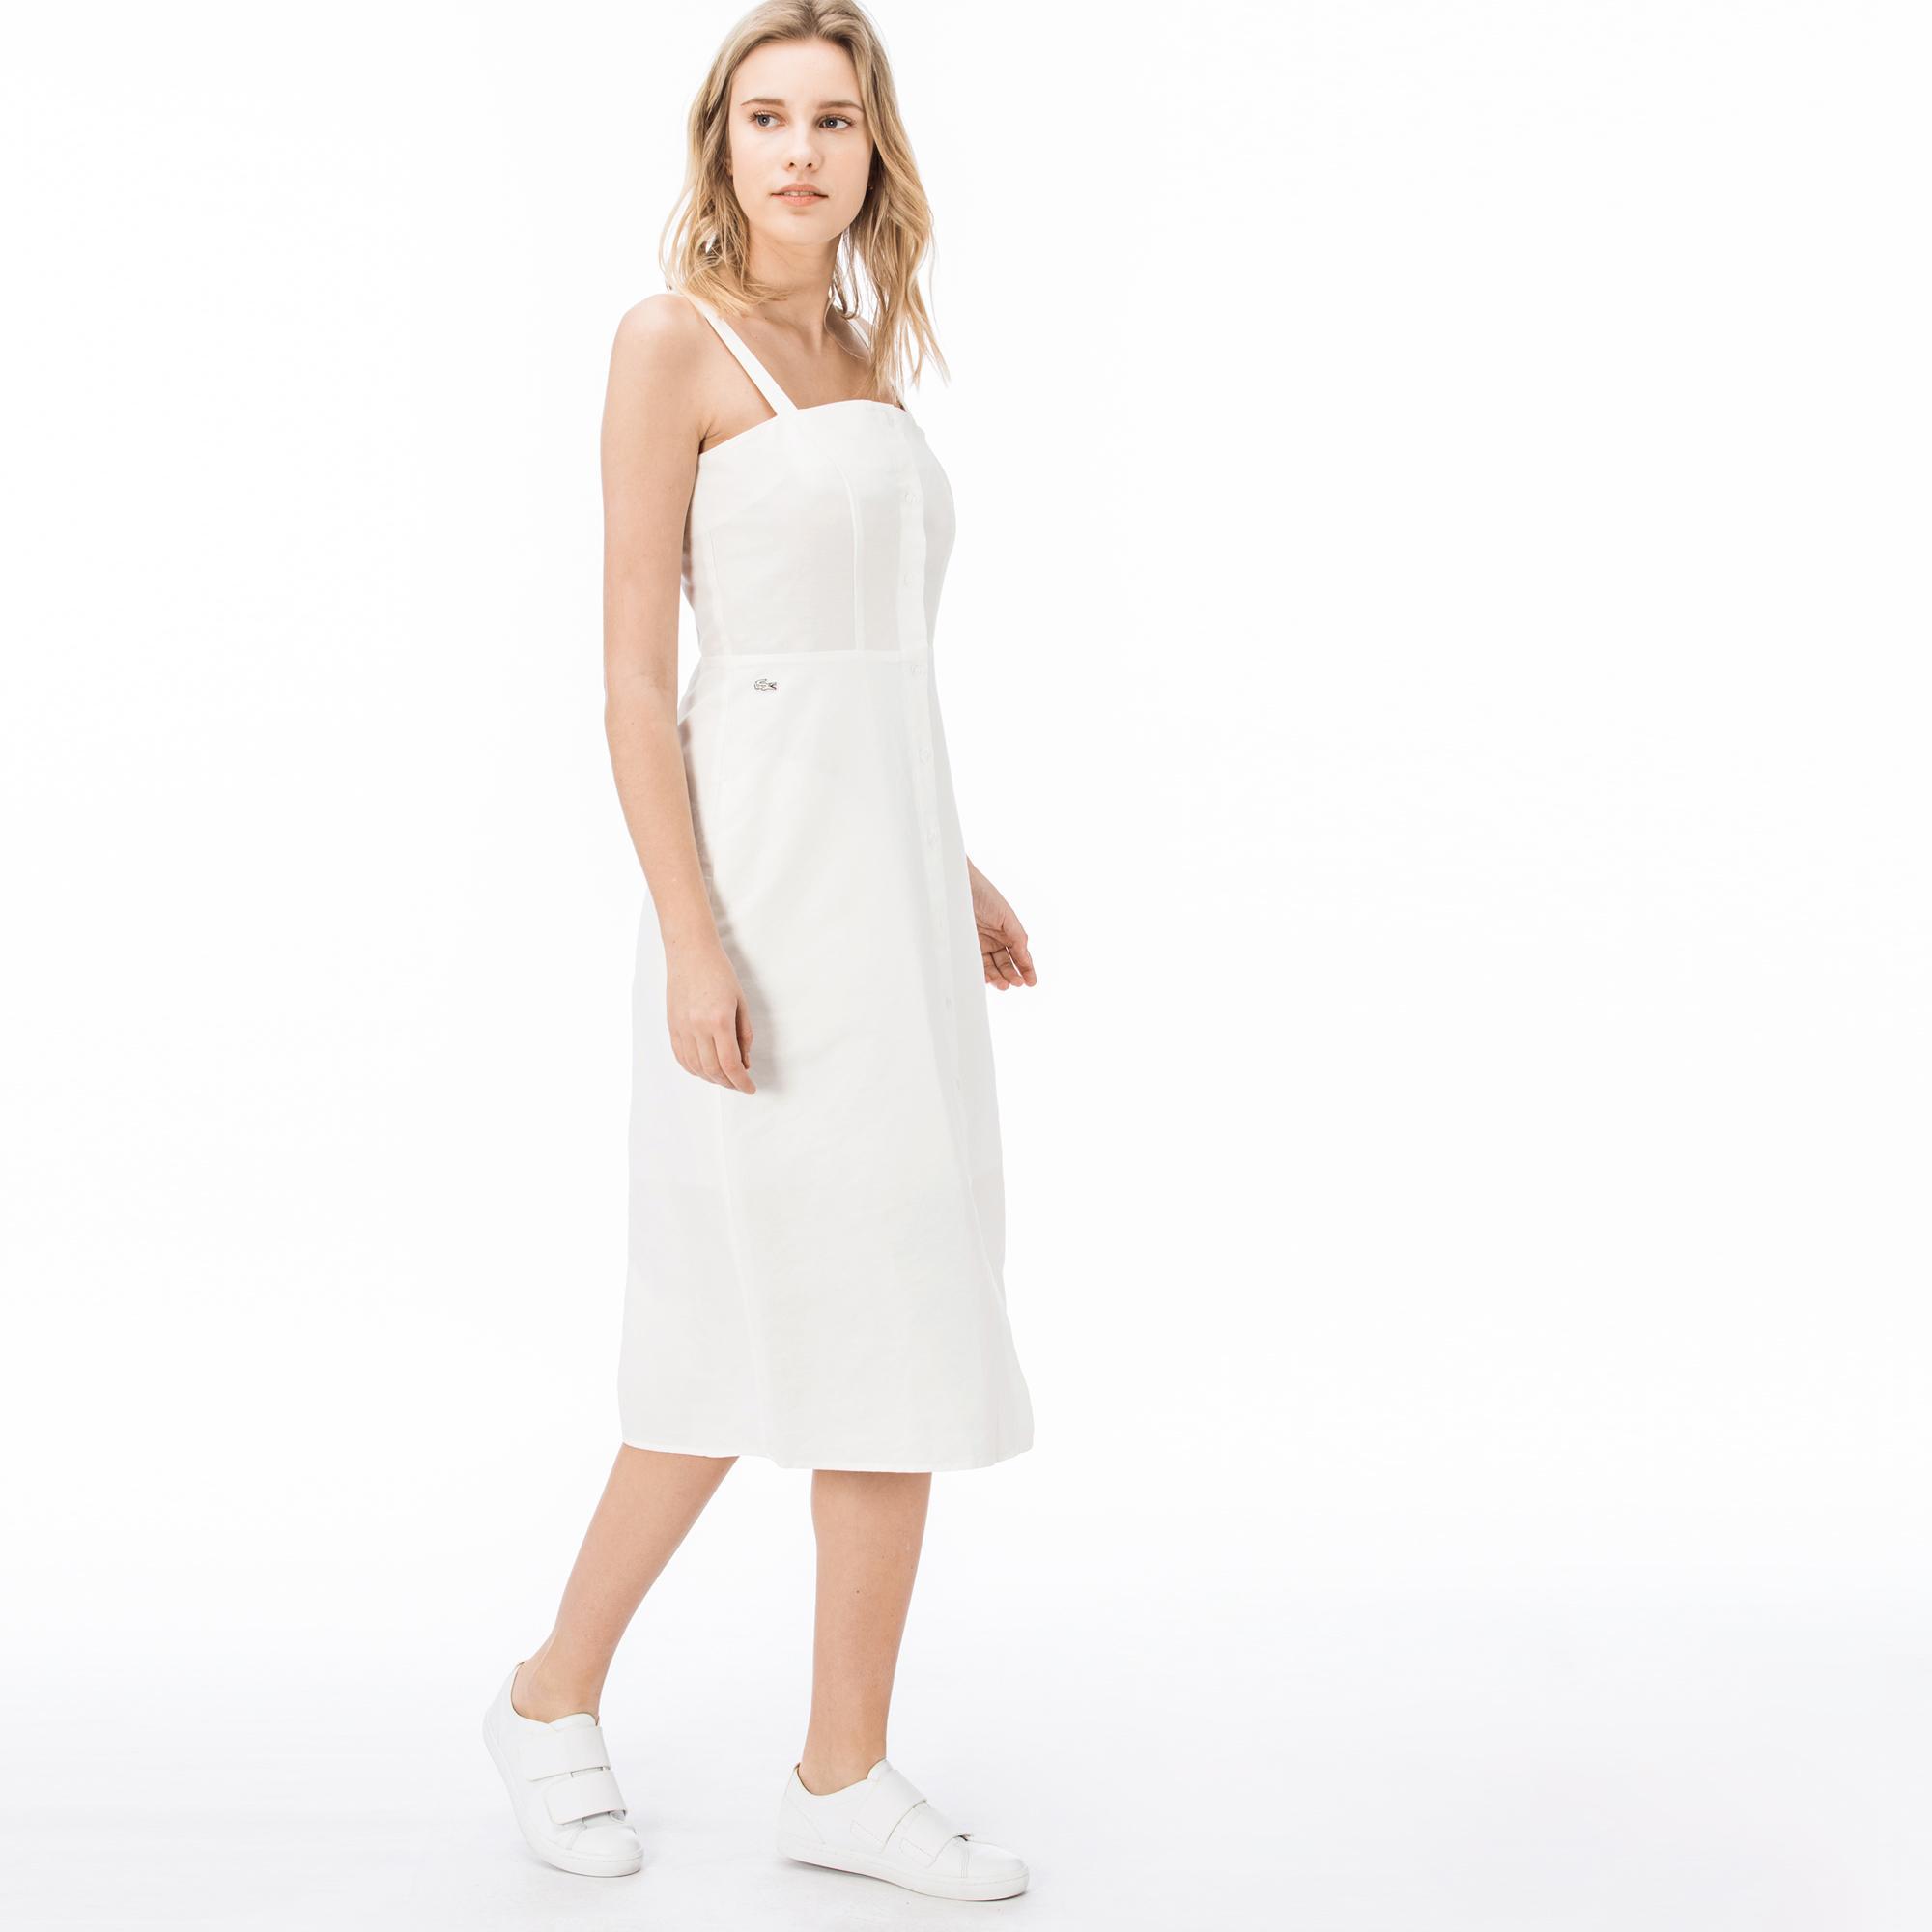 Lacoste Kadın Askılı Beyaz Elbise